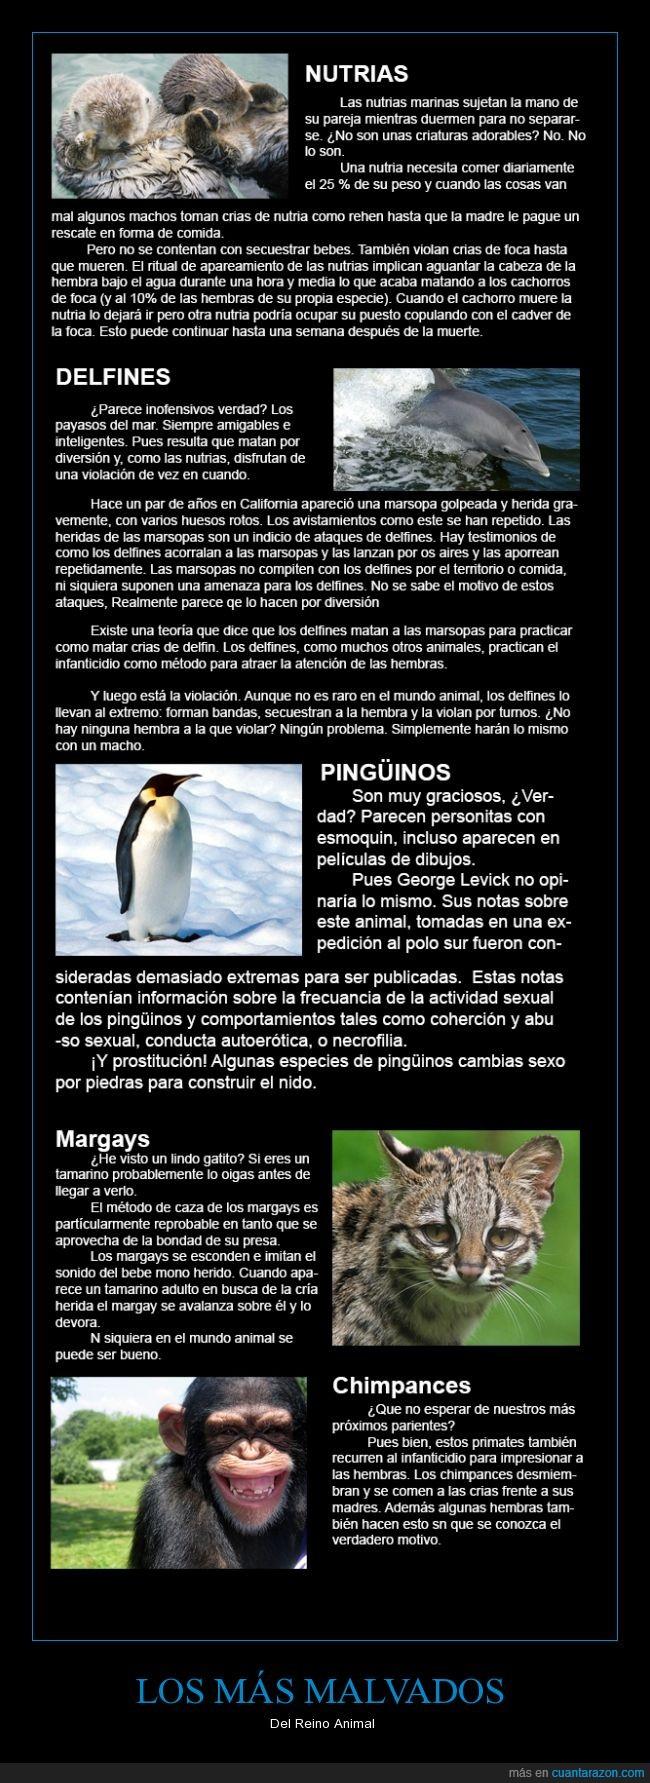 animales,chimpances,los humanos somos peores,los Simpson tenían razón otra vez,pingüinos